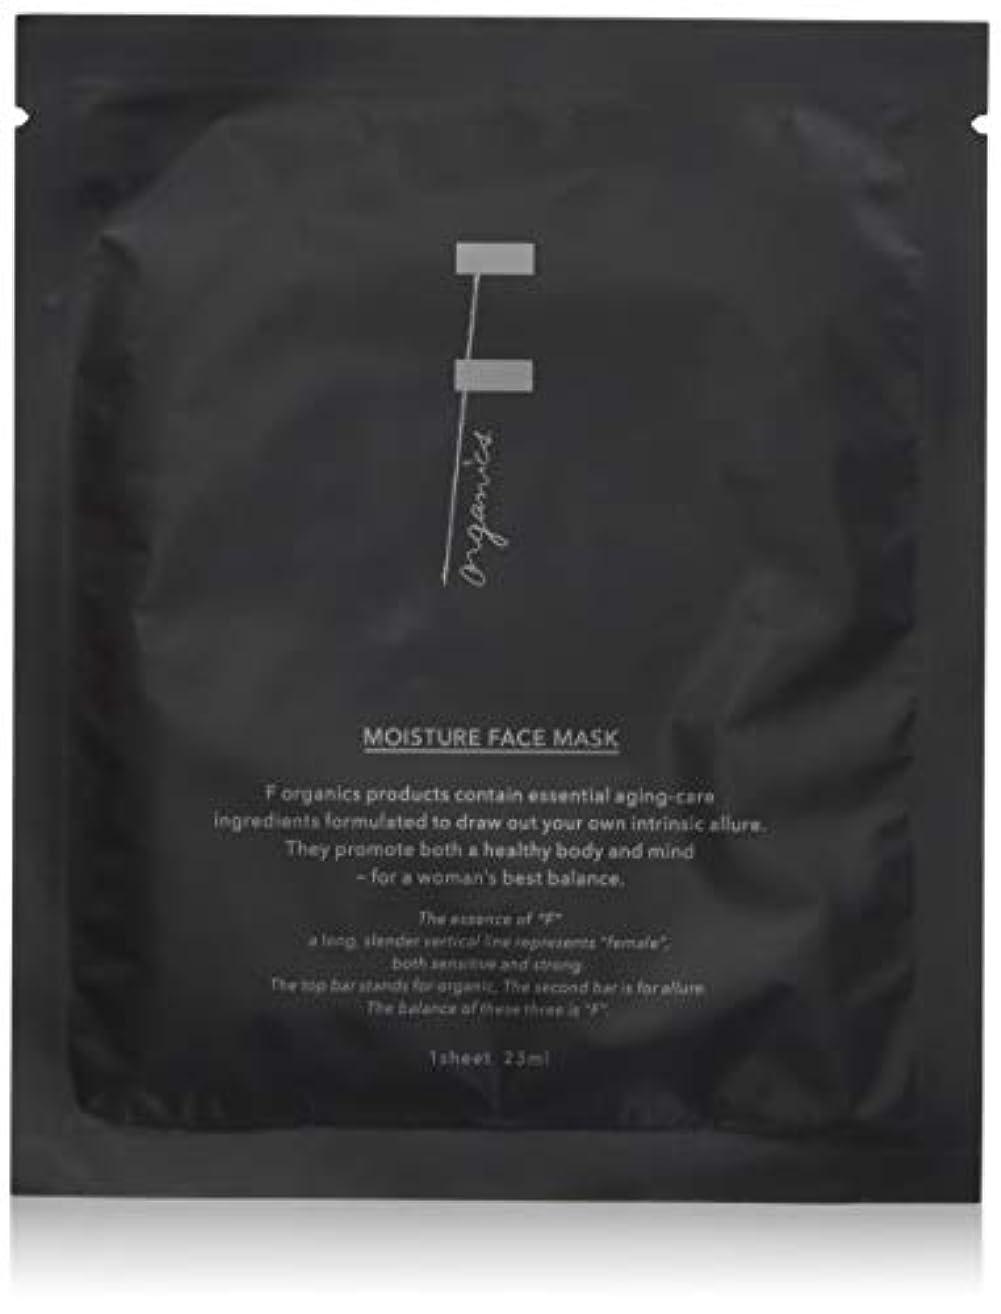 葡萄保存する松F organics(エッフェオーガニック) モイスチャーフェイスマスク(23mL×1枚入)